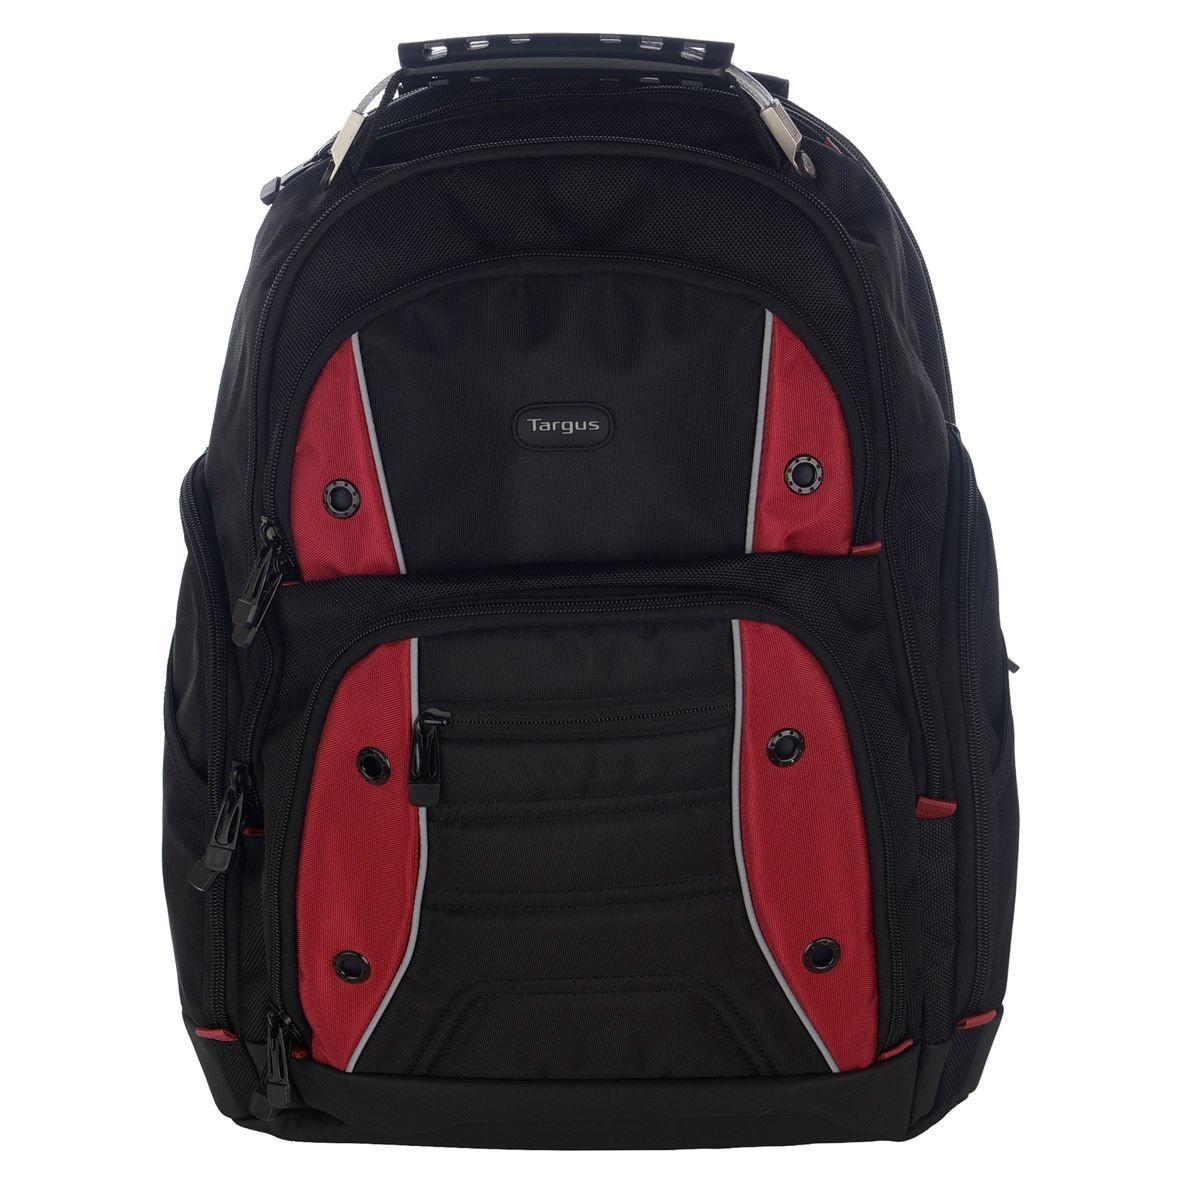 Targus Plecak Drifter 15.6',black/red